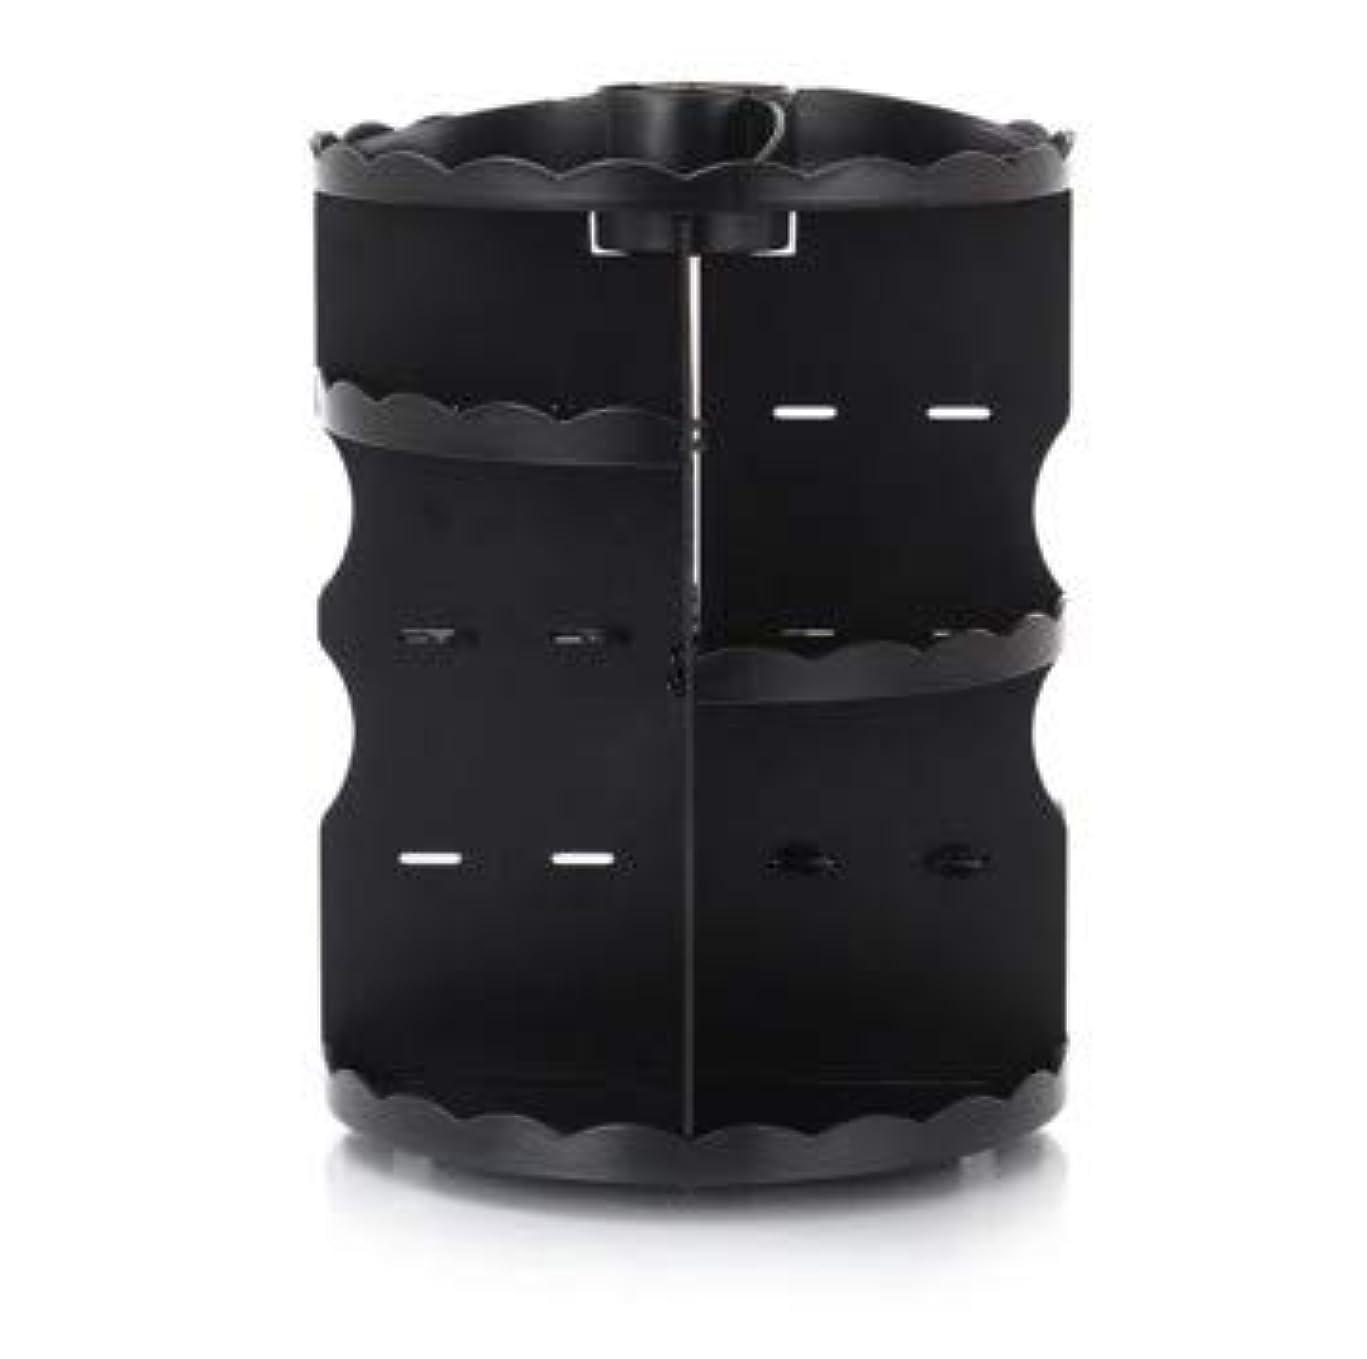 恐れ差し引く一時停止ラウンド卓上回転口紅フレーム透明アクリル化粧ケース浴室スキンケアプラスチック収納ボックス (Color : ブラック)